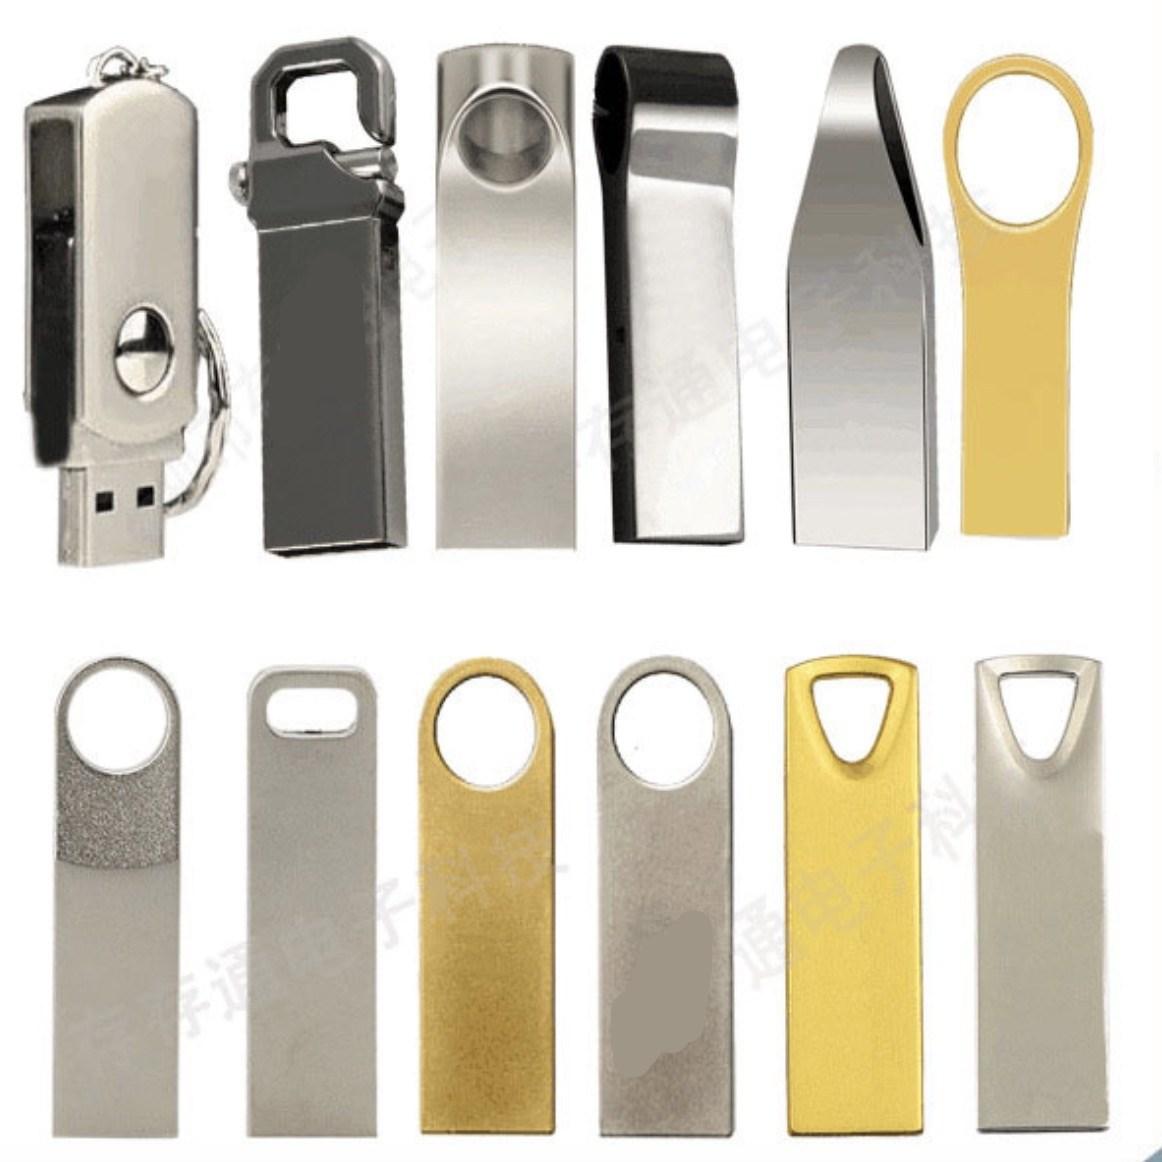 Usb-накопитель 1 ТБ пряжкой-Тигром и флеш-накопитель USB мобильный телефон с поддержкой OTG вращающийся U диск USB флэш-накопитель обновление расш...